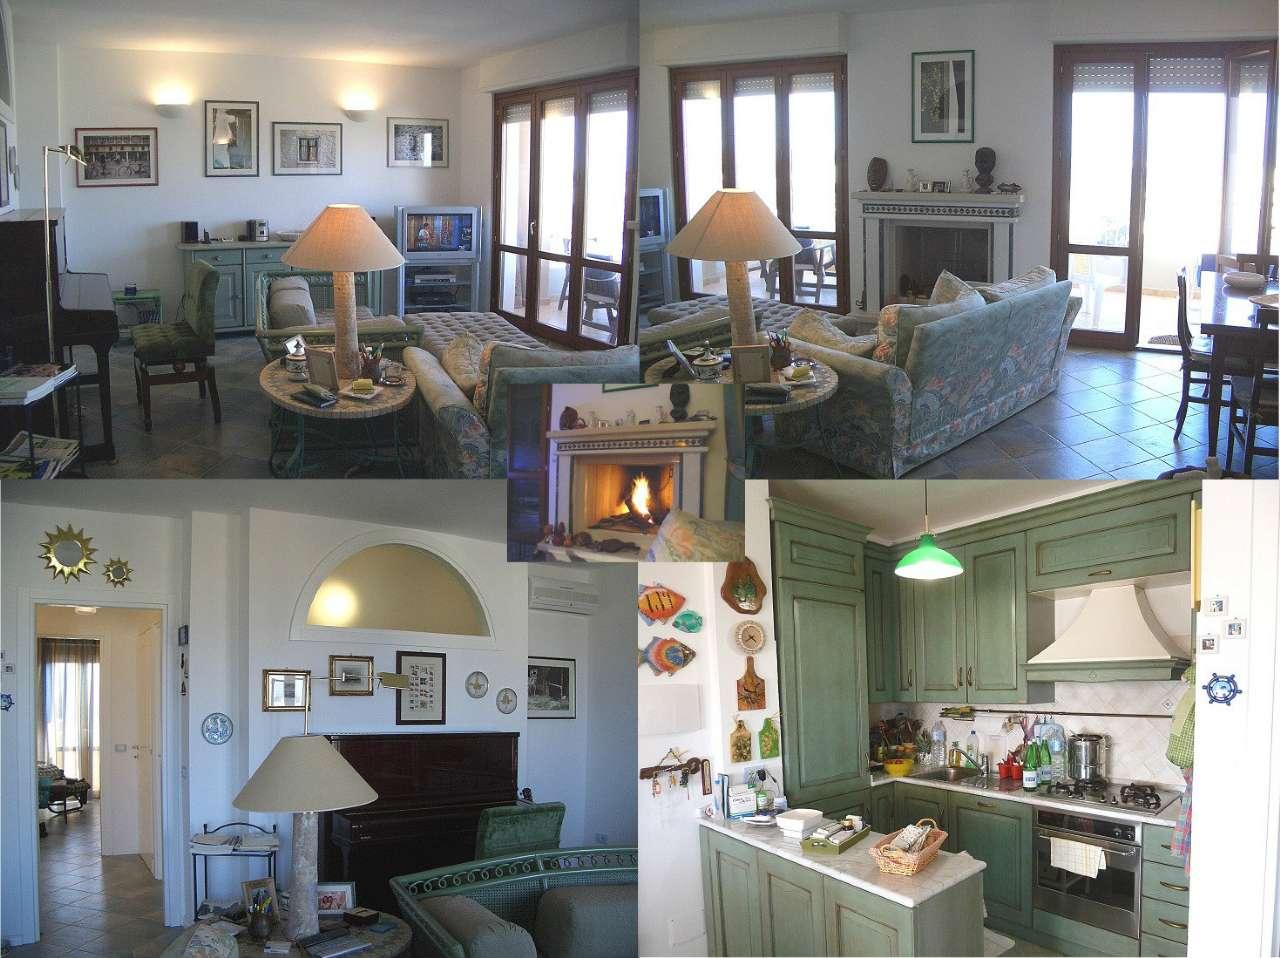 Attico / Mansarda in vendita a Alghero, 3 locali, prezzo € 420.000 | Cambio Casa.it